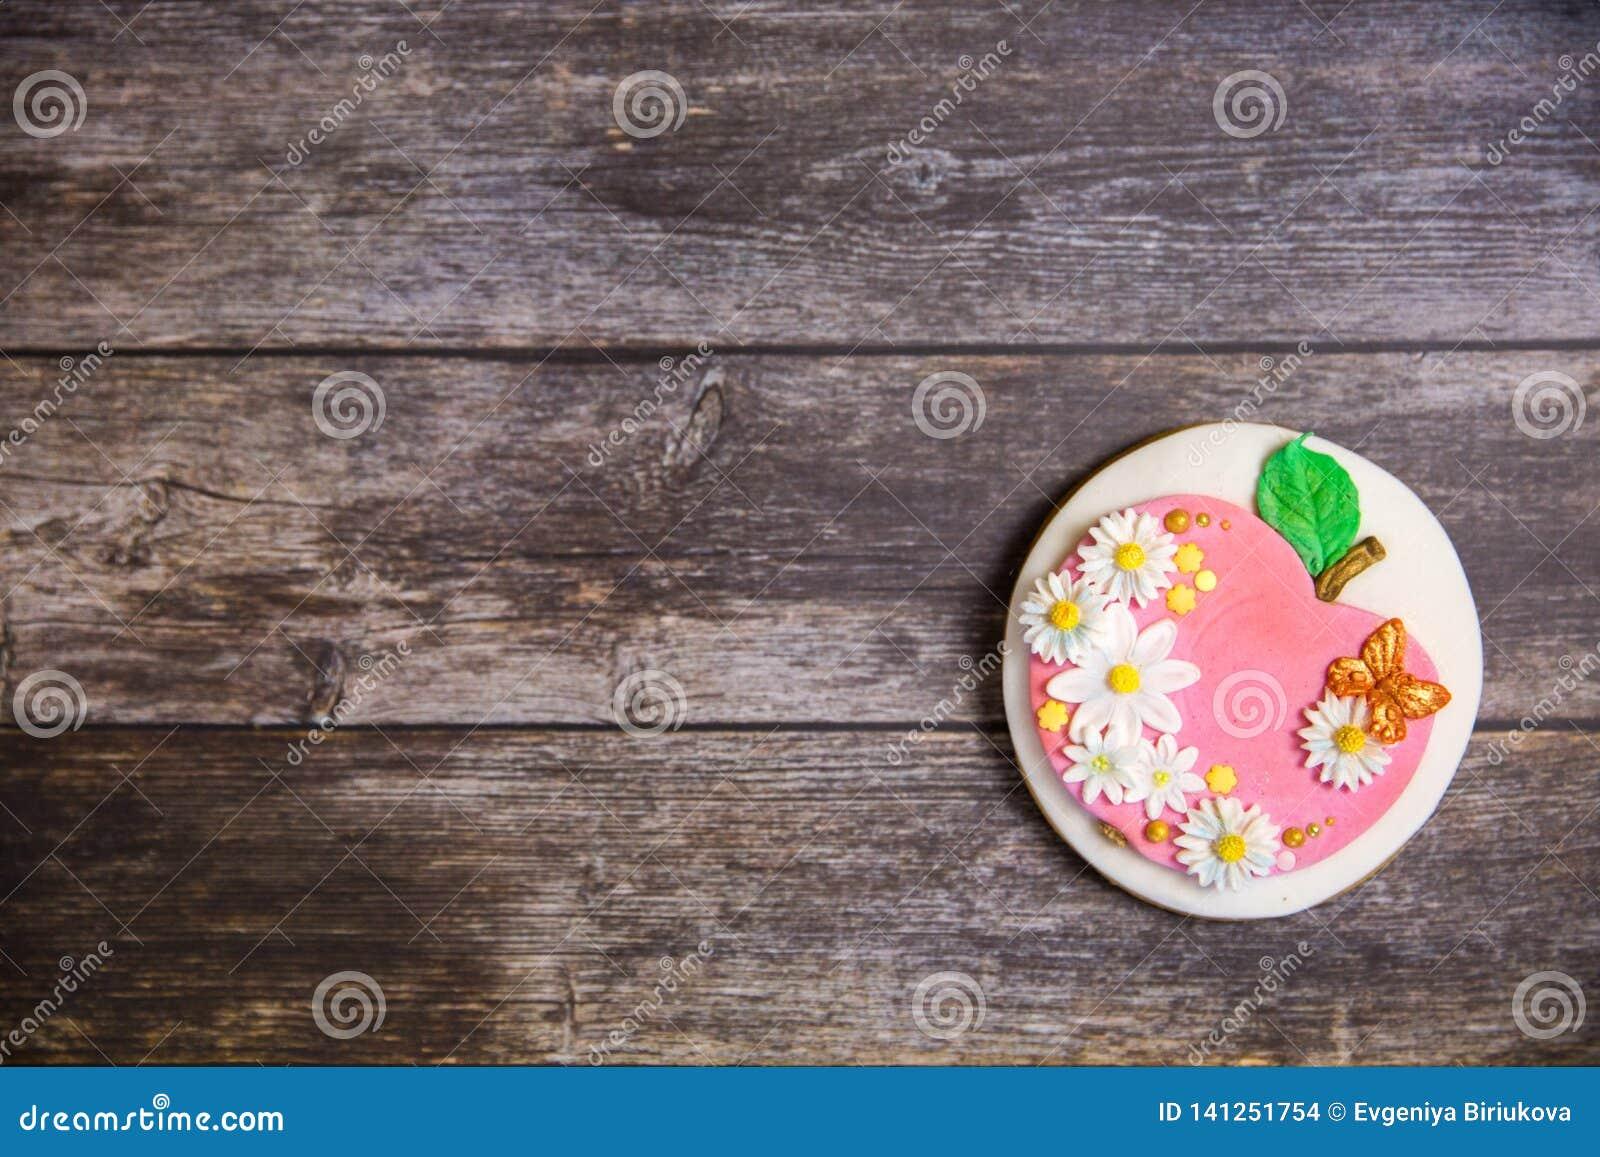 Pan di zenzero dipinto a mano rotondo su fondo di legno Disposizione piana Apple con i fiori e le farfalle Copi lo spazio Dessert